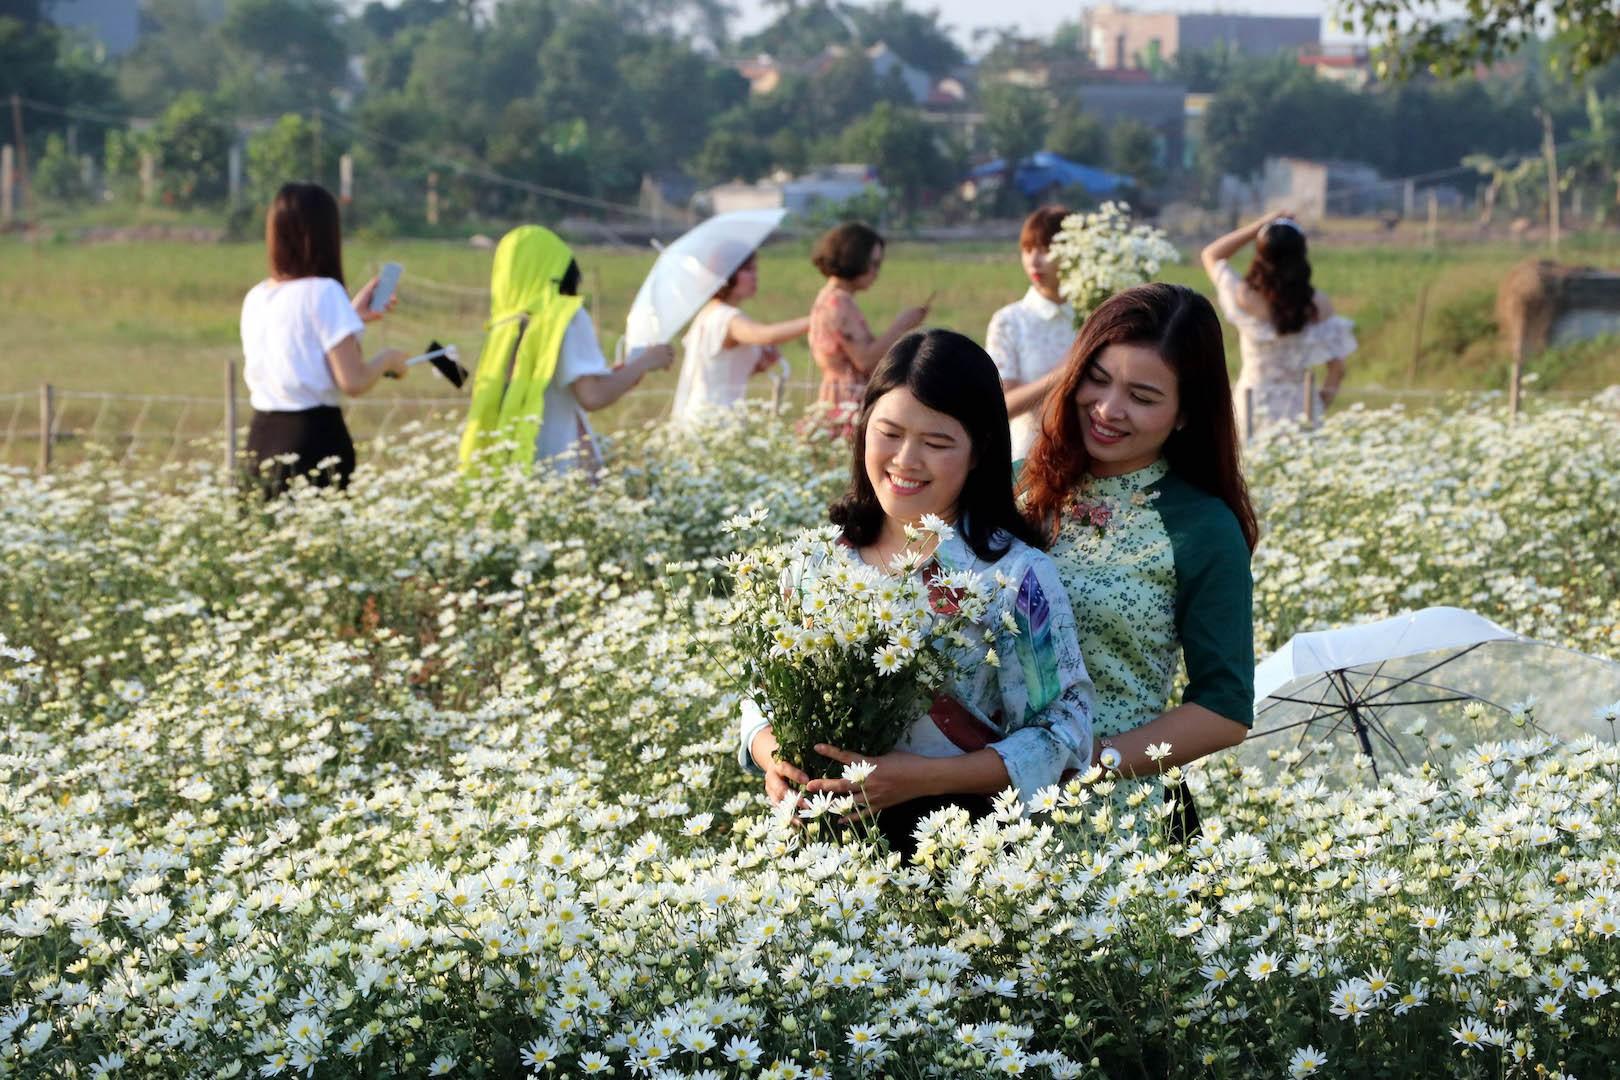 Ý tưởng trồng nhà vườn Hoa, sau đó cho khách thuê chụp ảnh thu 10 triệu/ngày